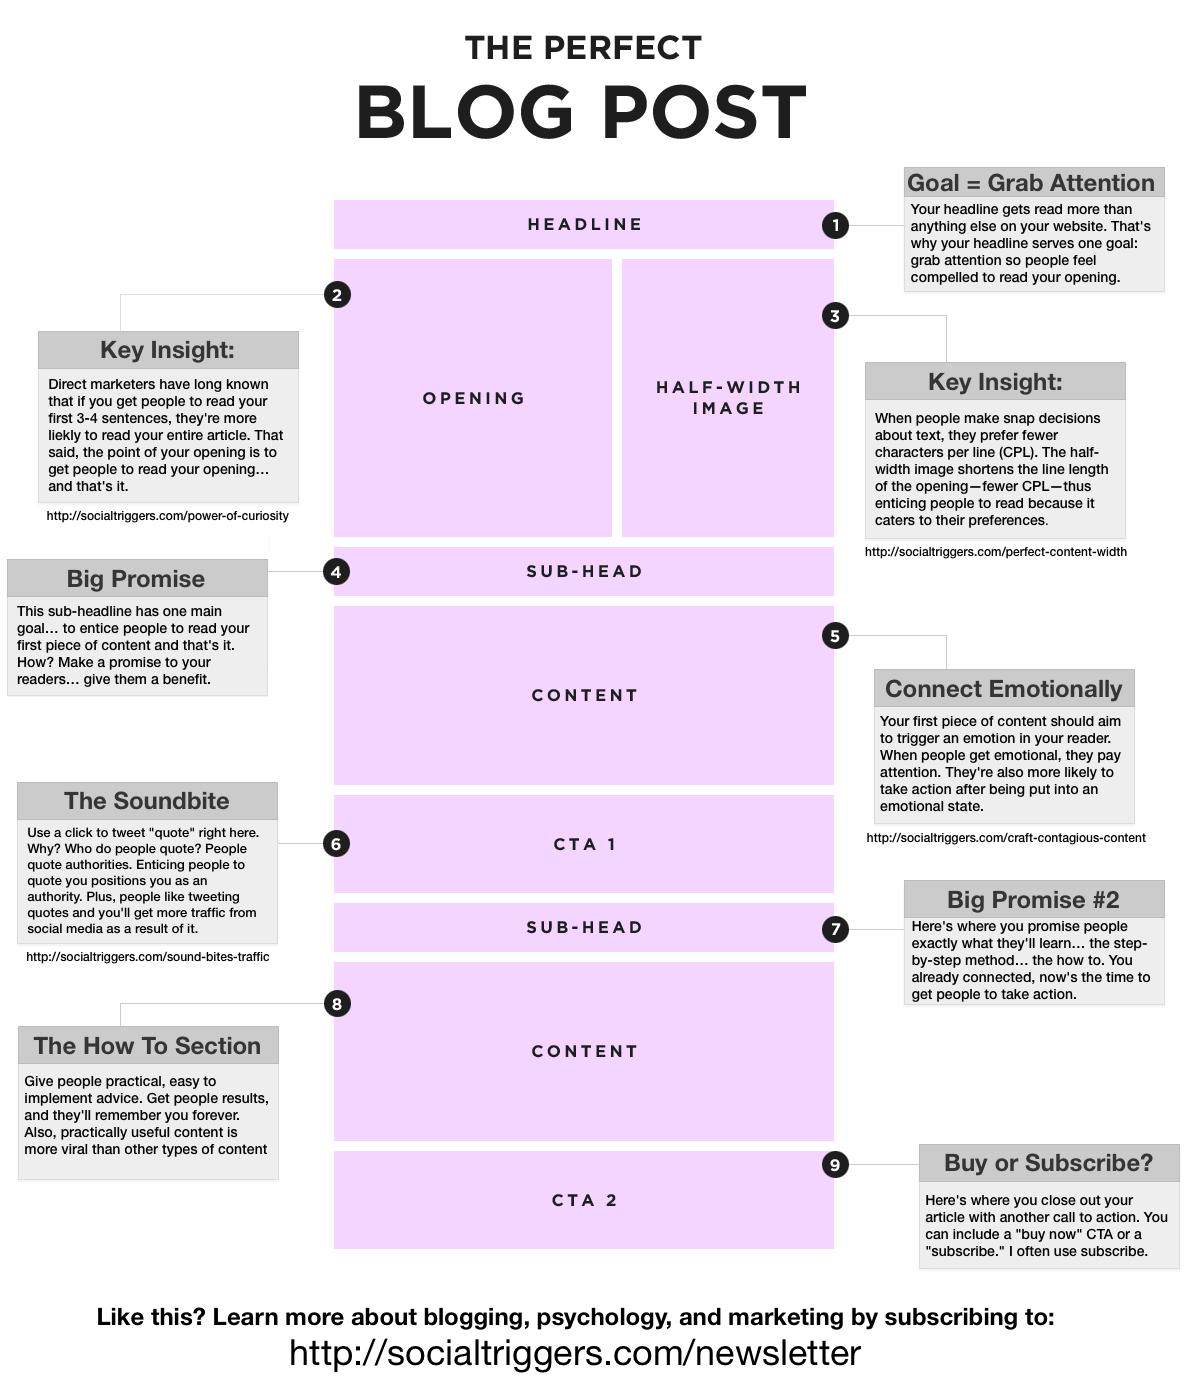 블로그 포스트 포맷